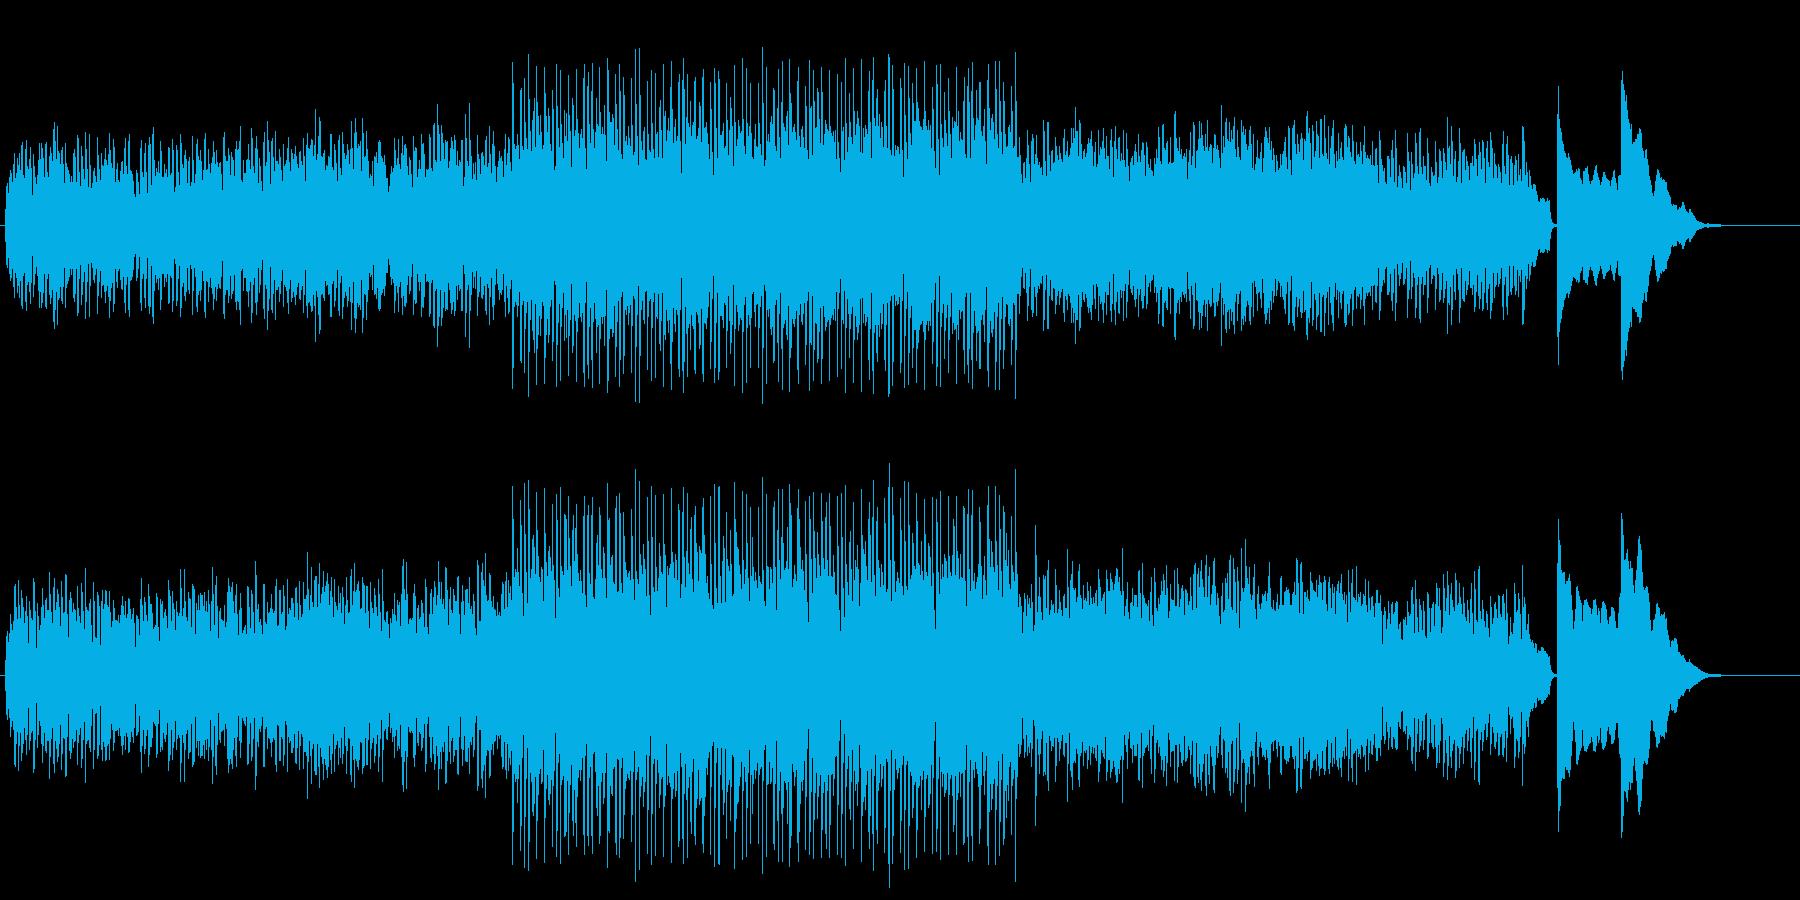 悲劇的な結末のサスペンス風のマイナーBGの再生済みの波形